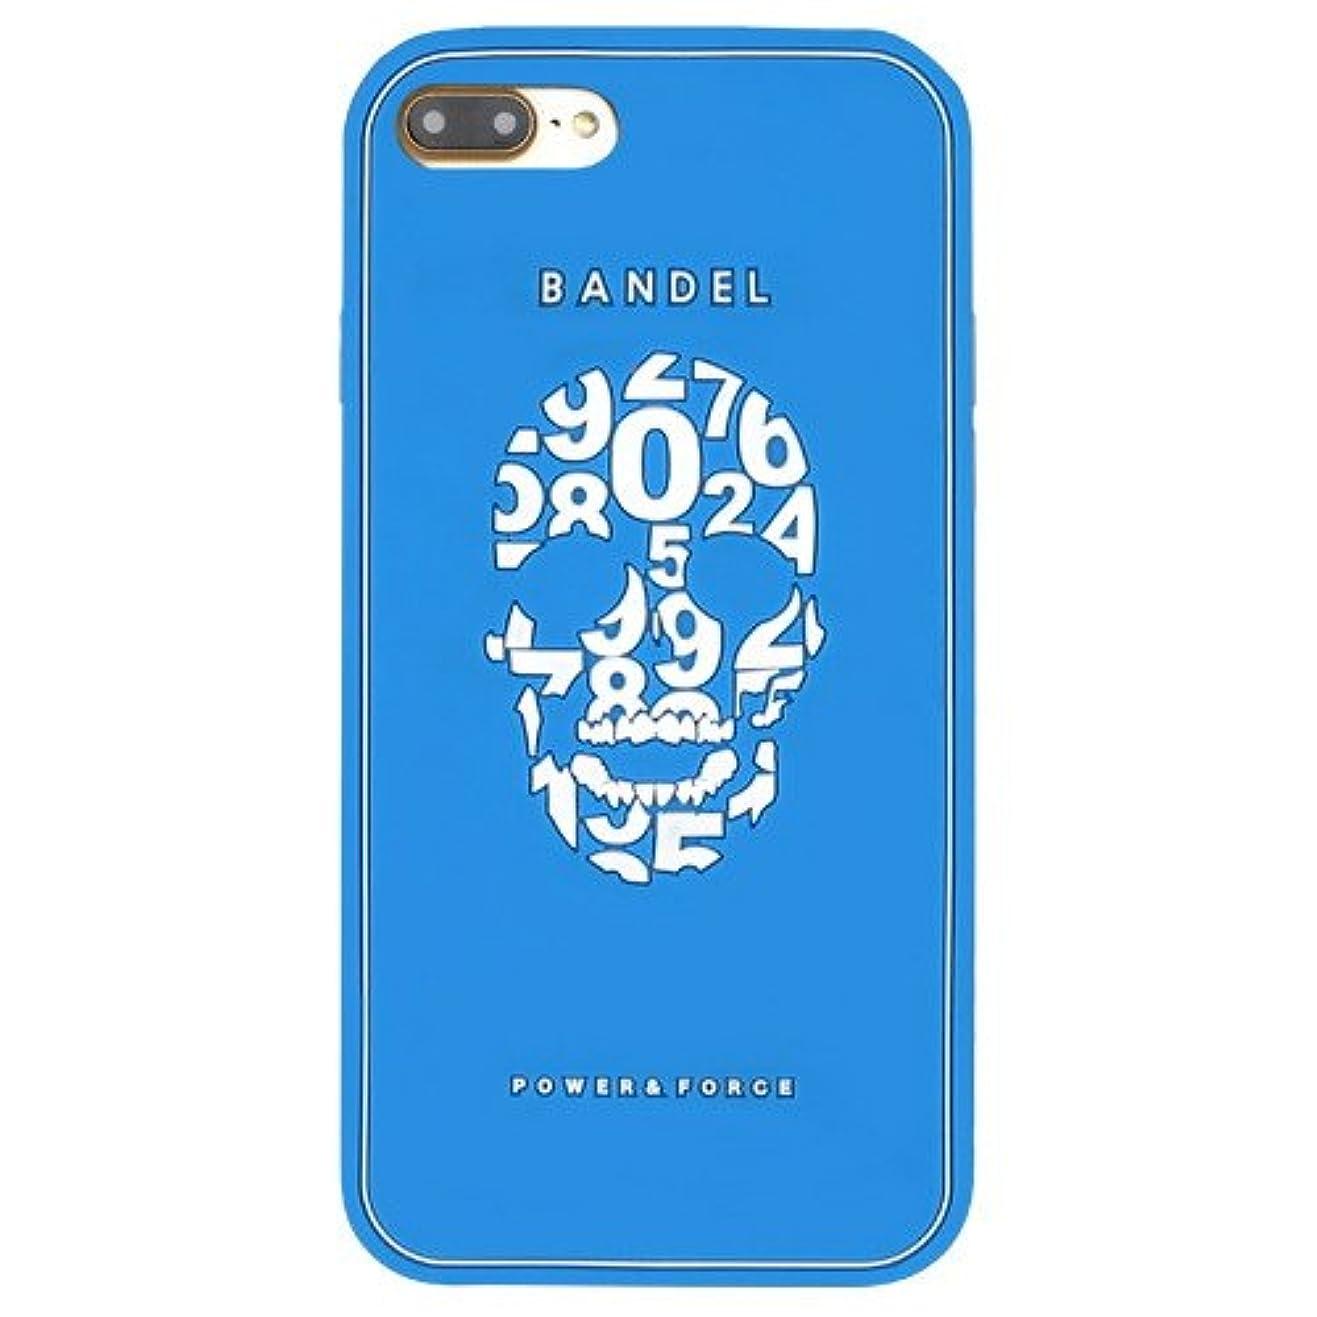 漁師つぼみコンパニオンバンデル(BANDEL) スカル iPhone 7 Plus専用 シリコンケース [ブルー]